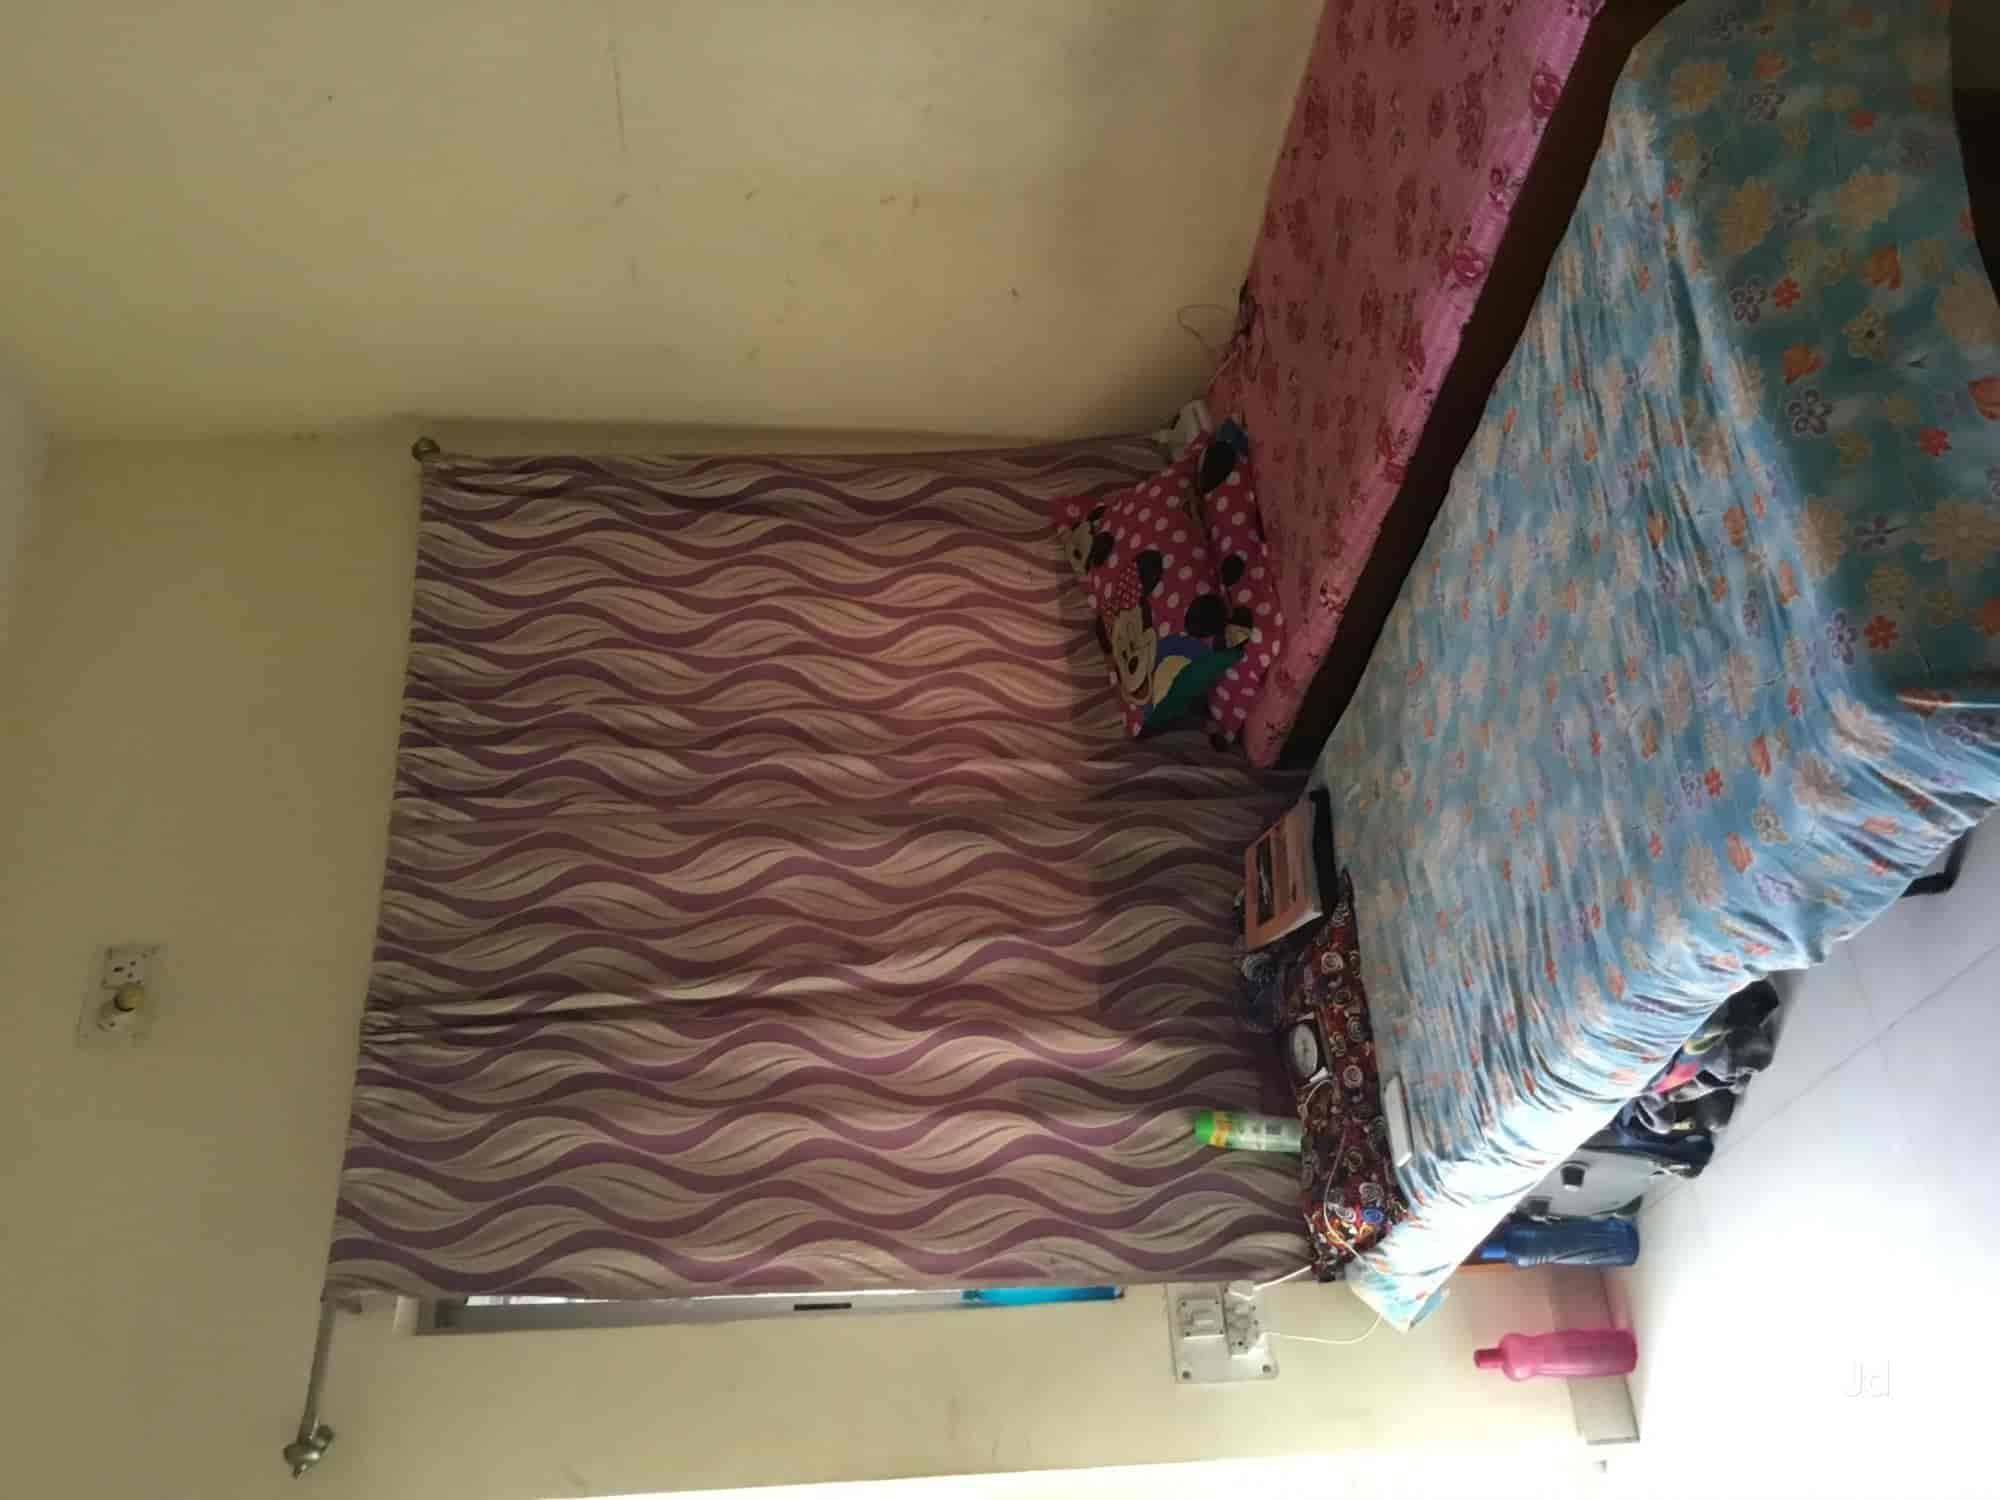 Home Care Girl Hostel Photos, Sector 4, Bokaro- Pictures